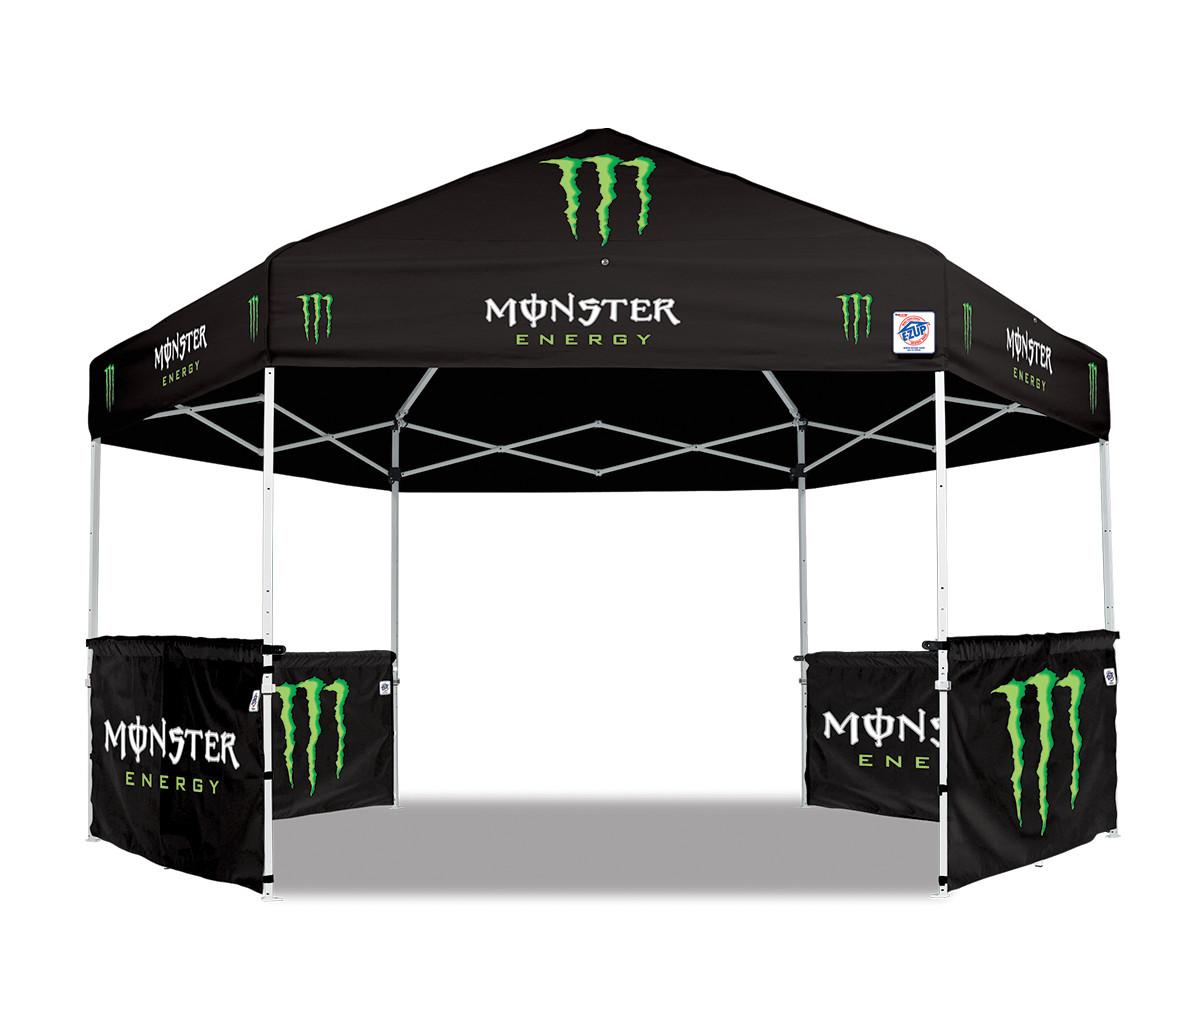 E Z UP   bedrukking op uw easy up tent?